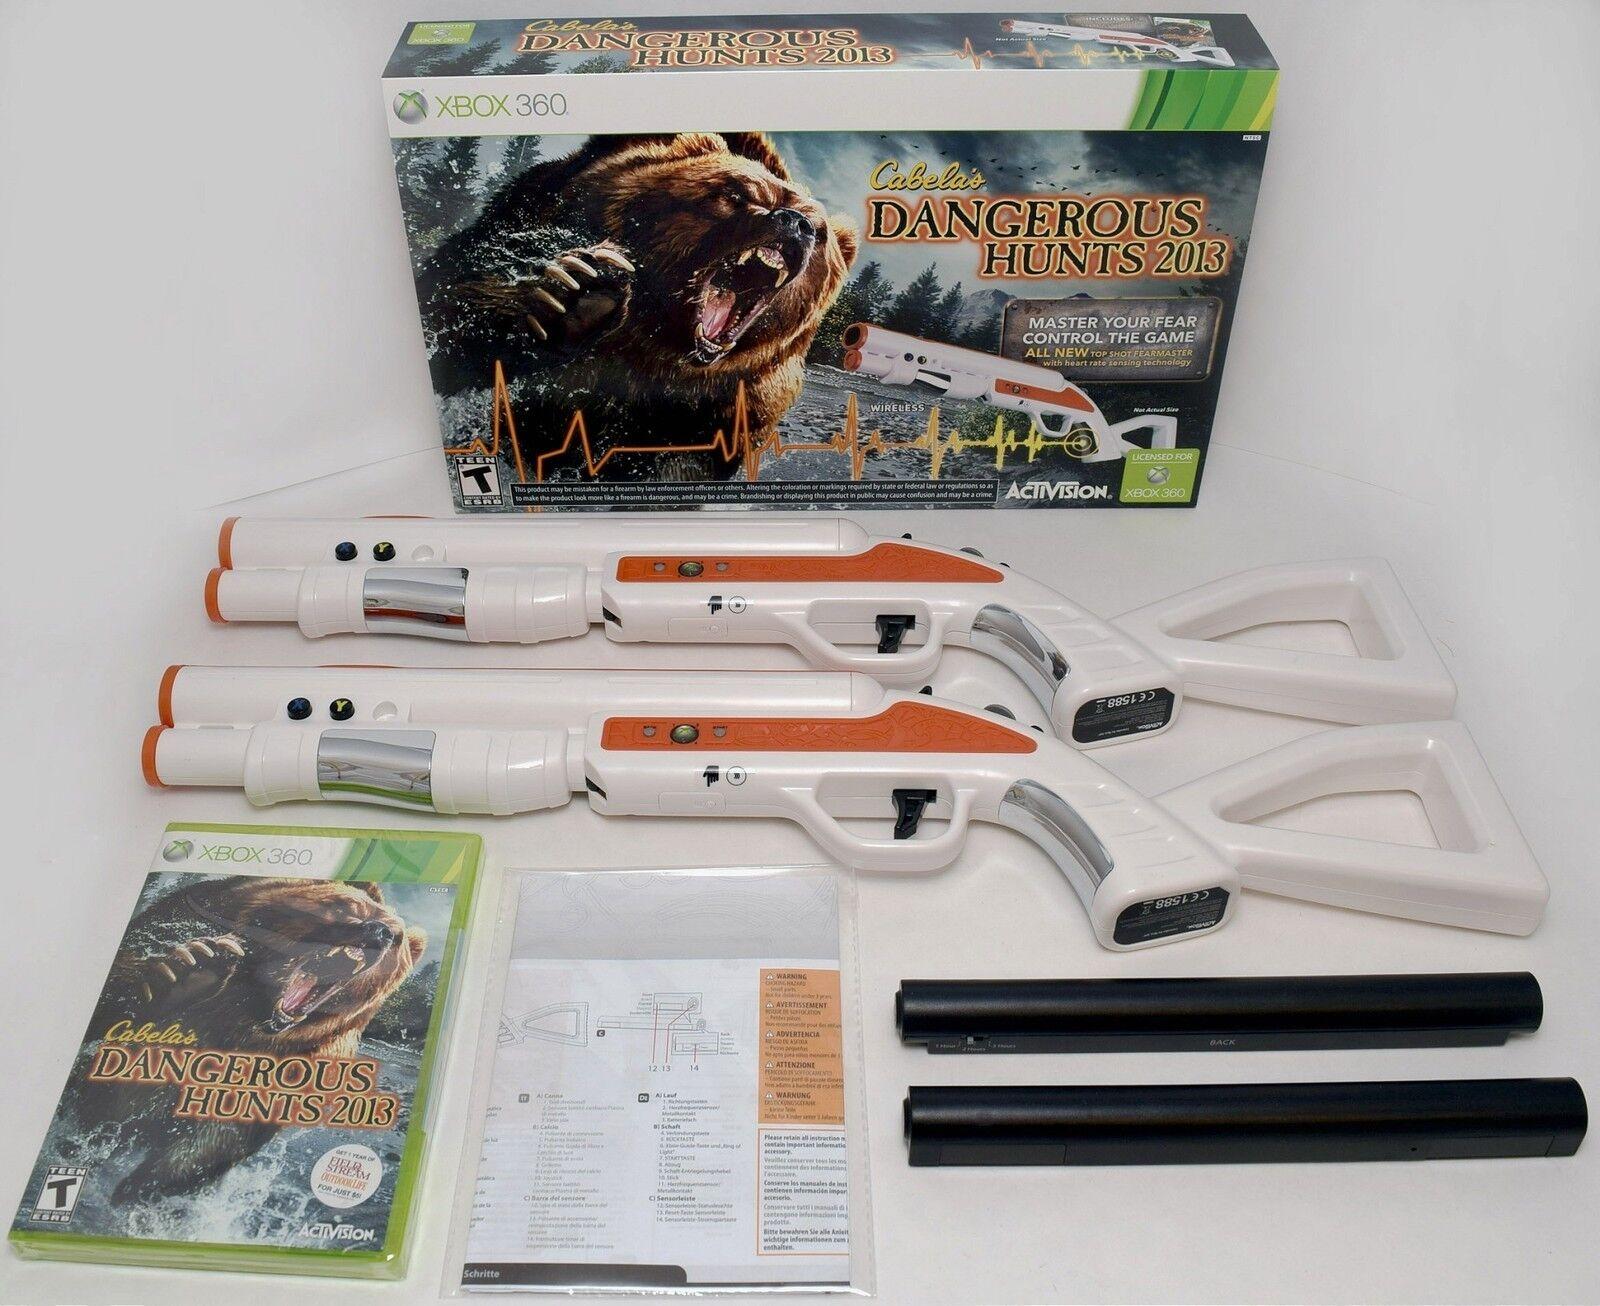 NEW 2-GUN BUNDLE XBox 360 Cabela's Dangerous Hunts 2013 Hunting Game top shot